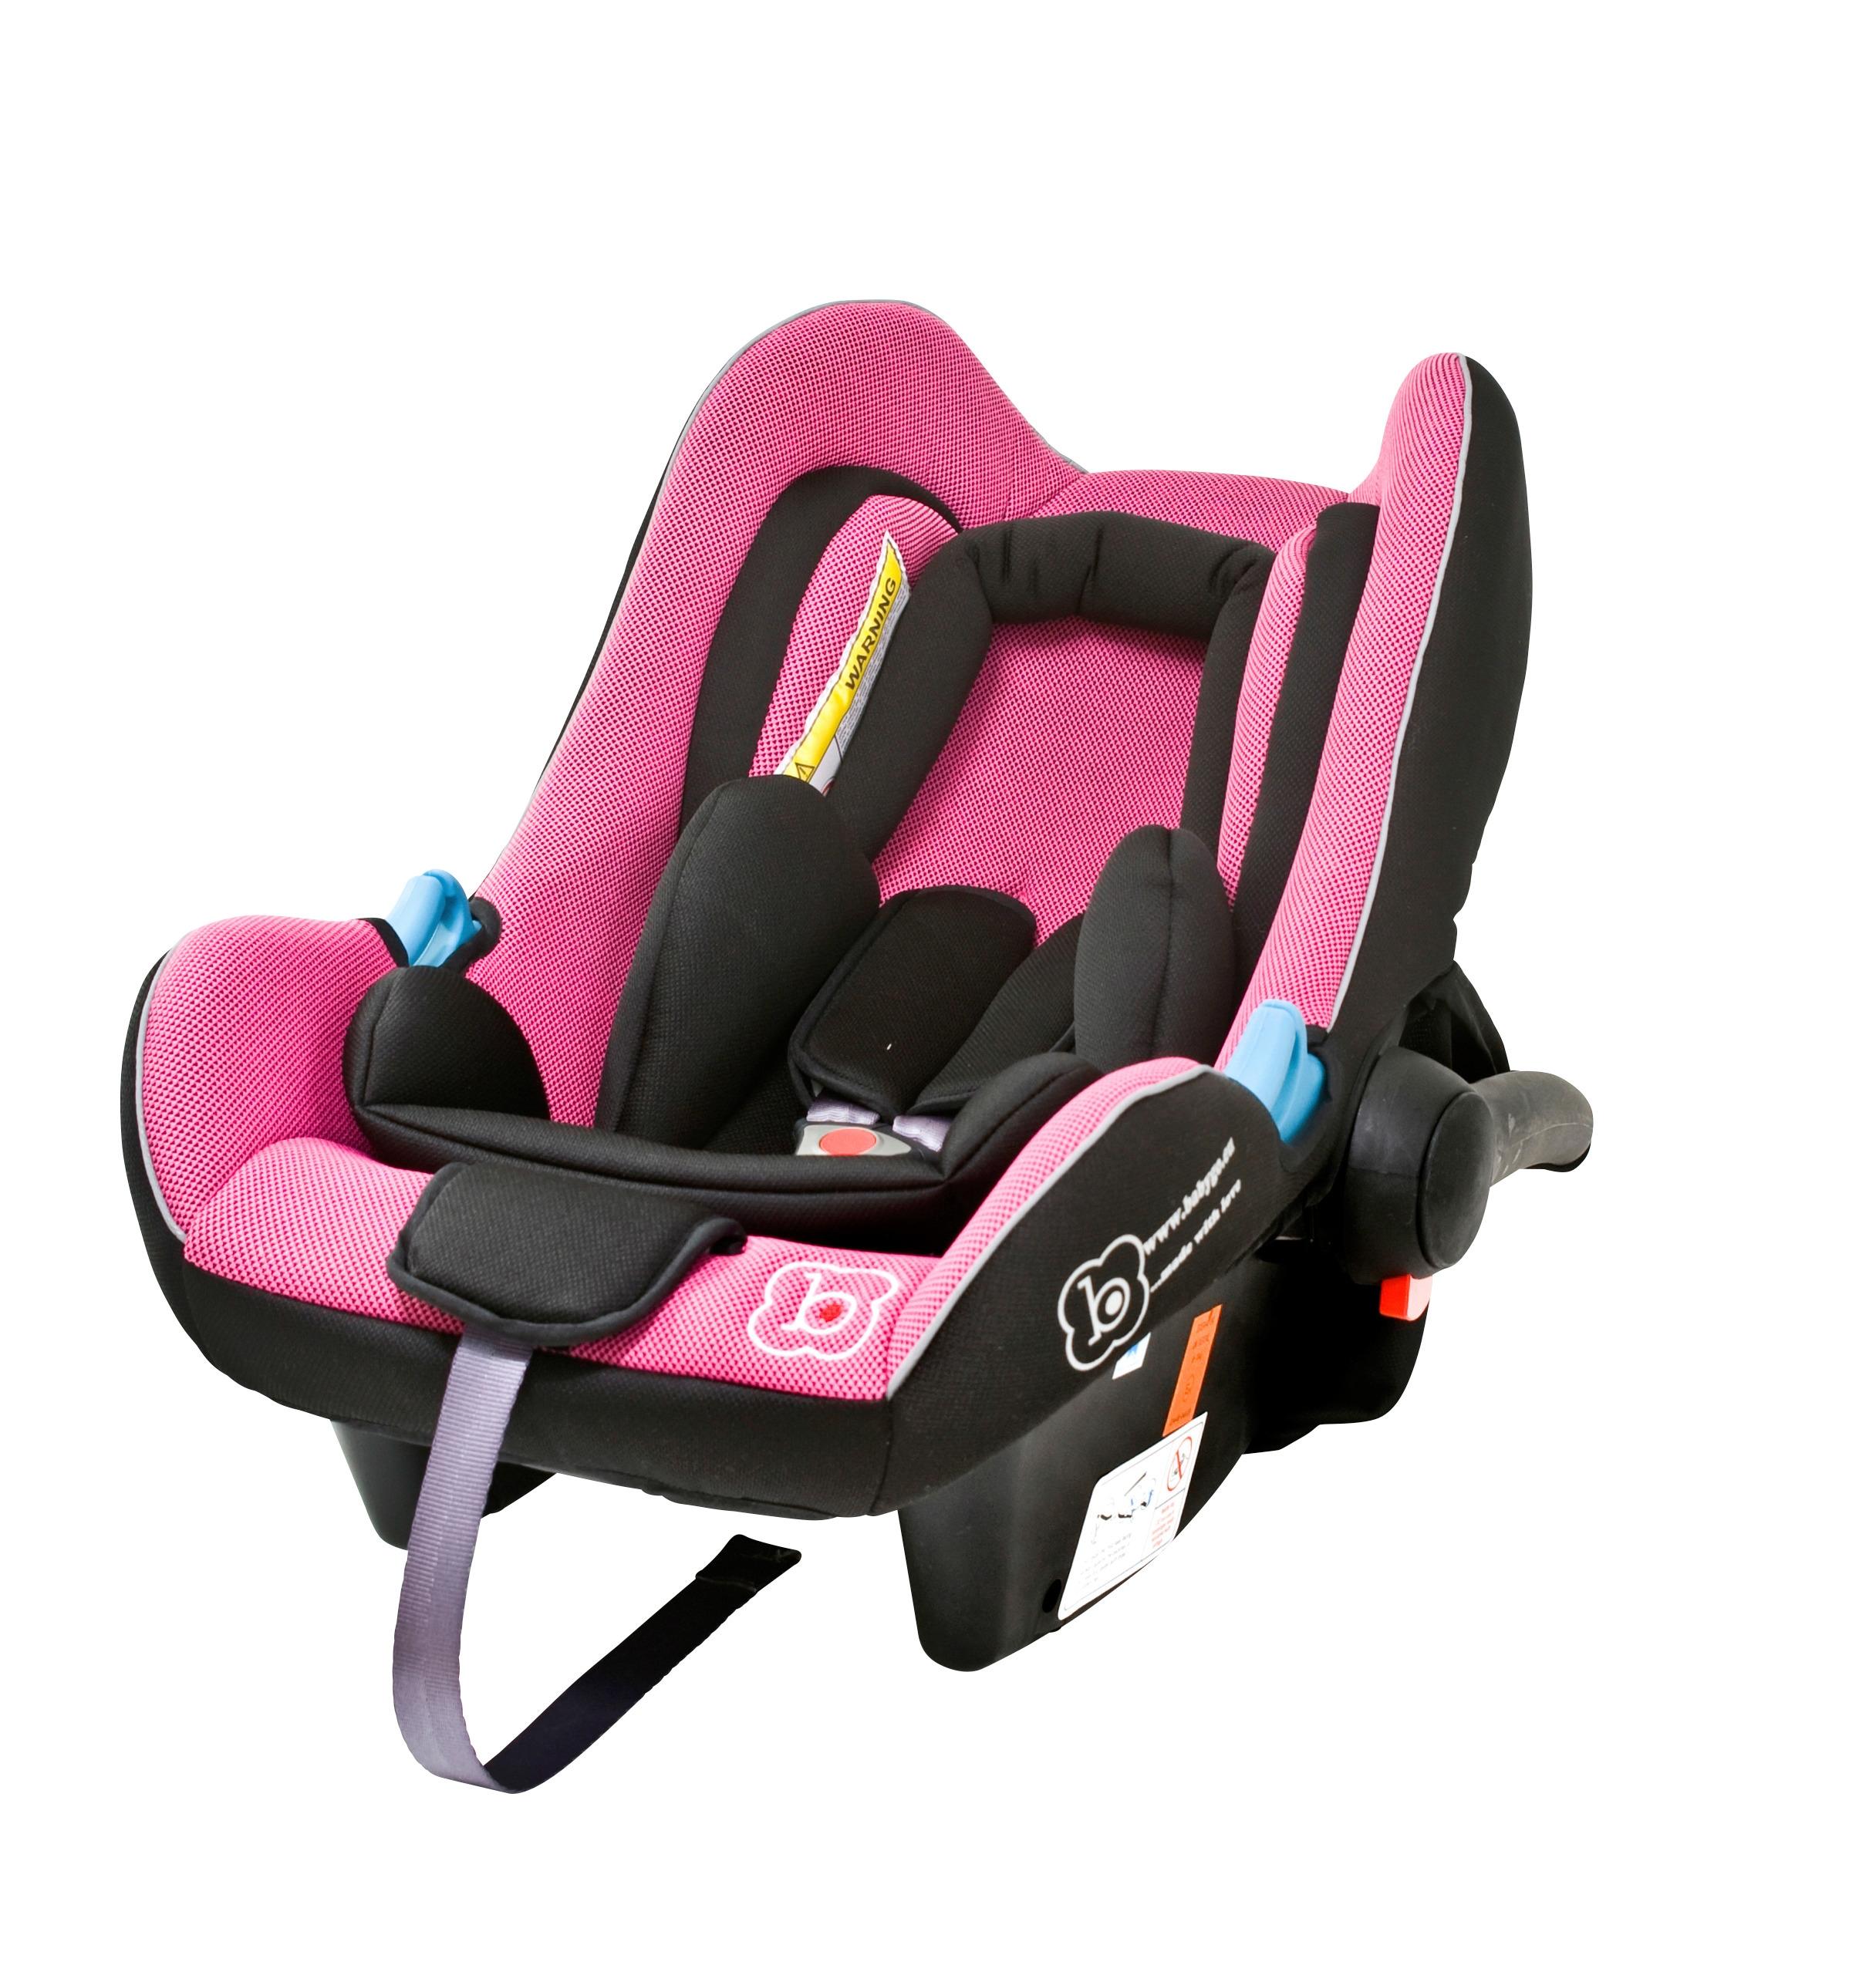 BabyGo Babyschale Travel XP, Klasse 0+ (bis 13 kg) rosa Baby Babyschalen Autositze Zubehör